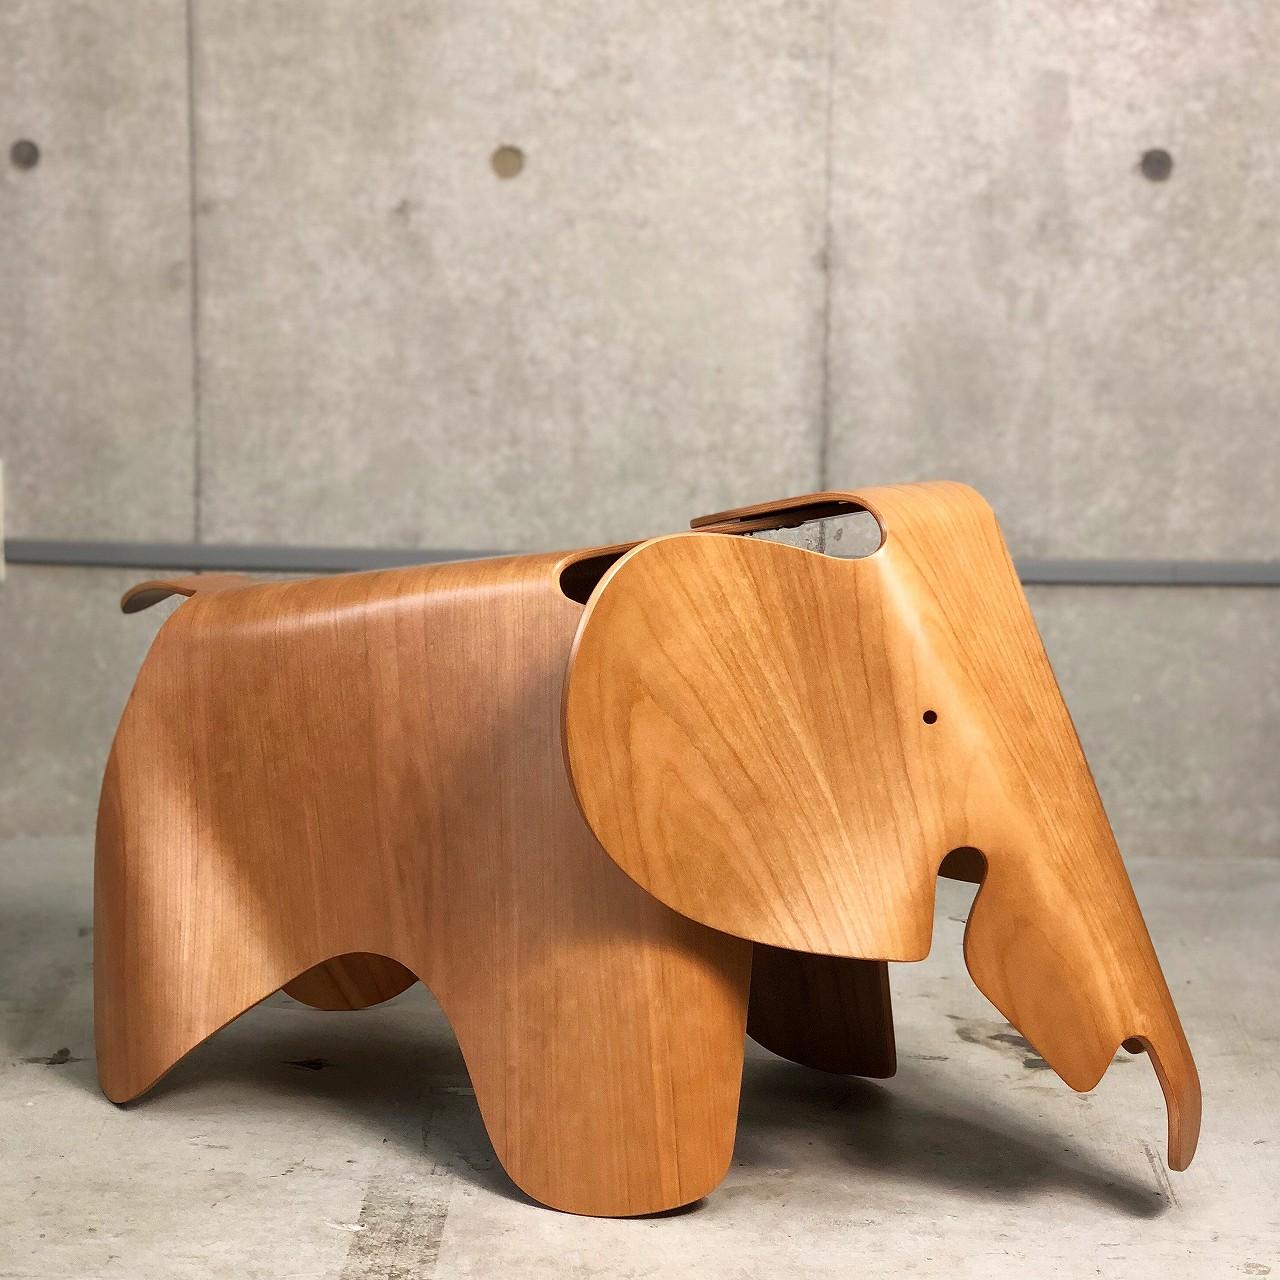 このシーンで使われているアイテム画像(Eames Elephant (Plywood))